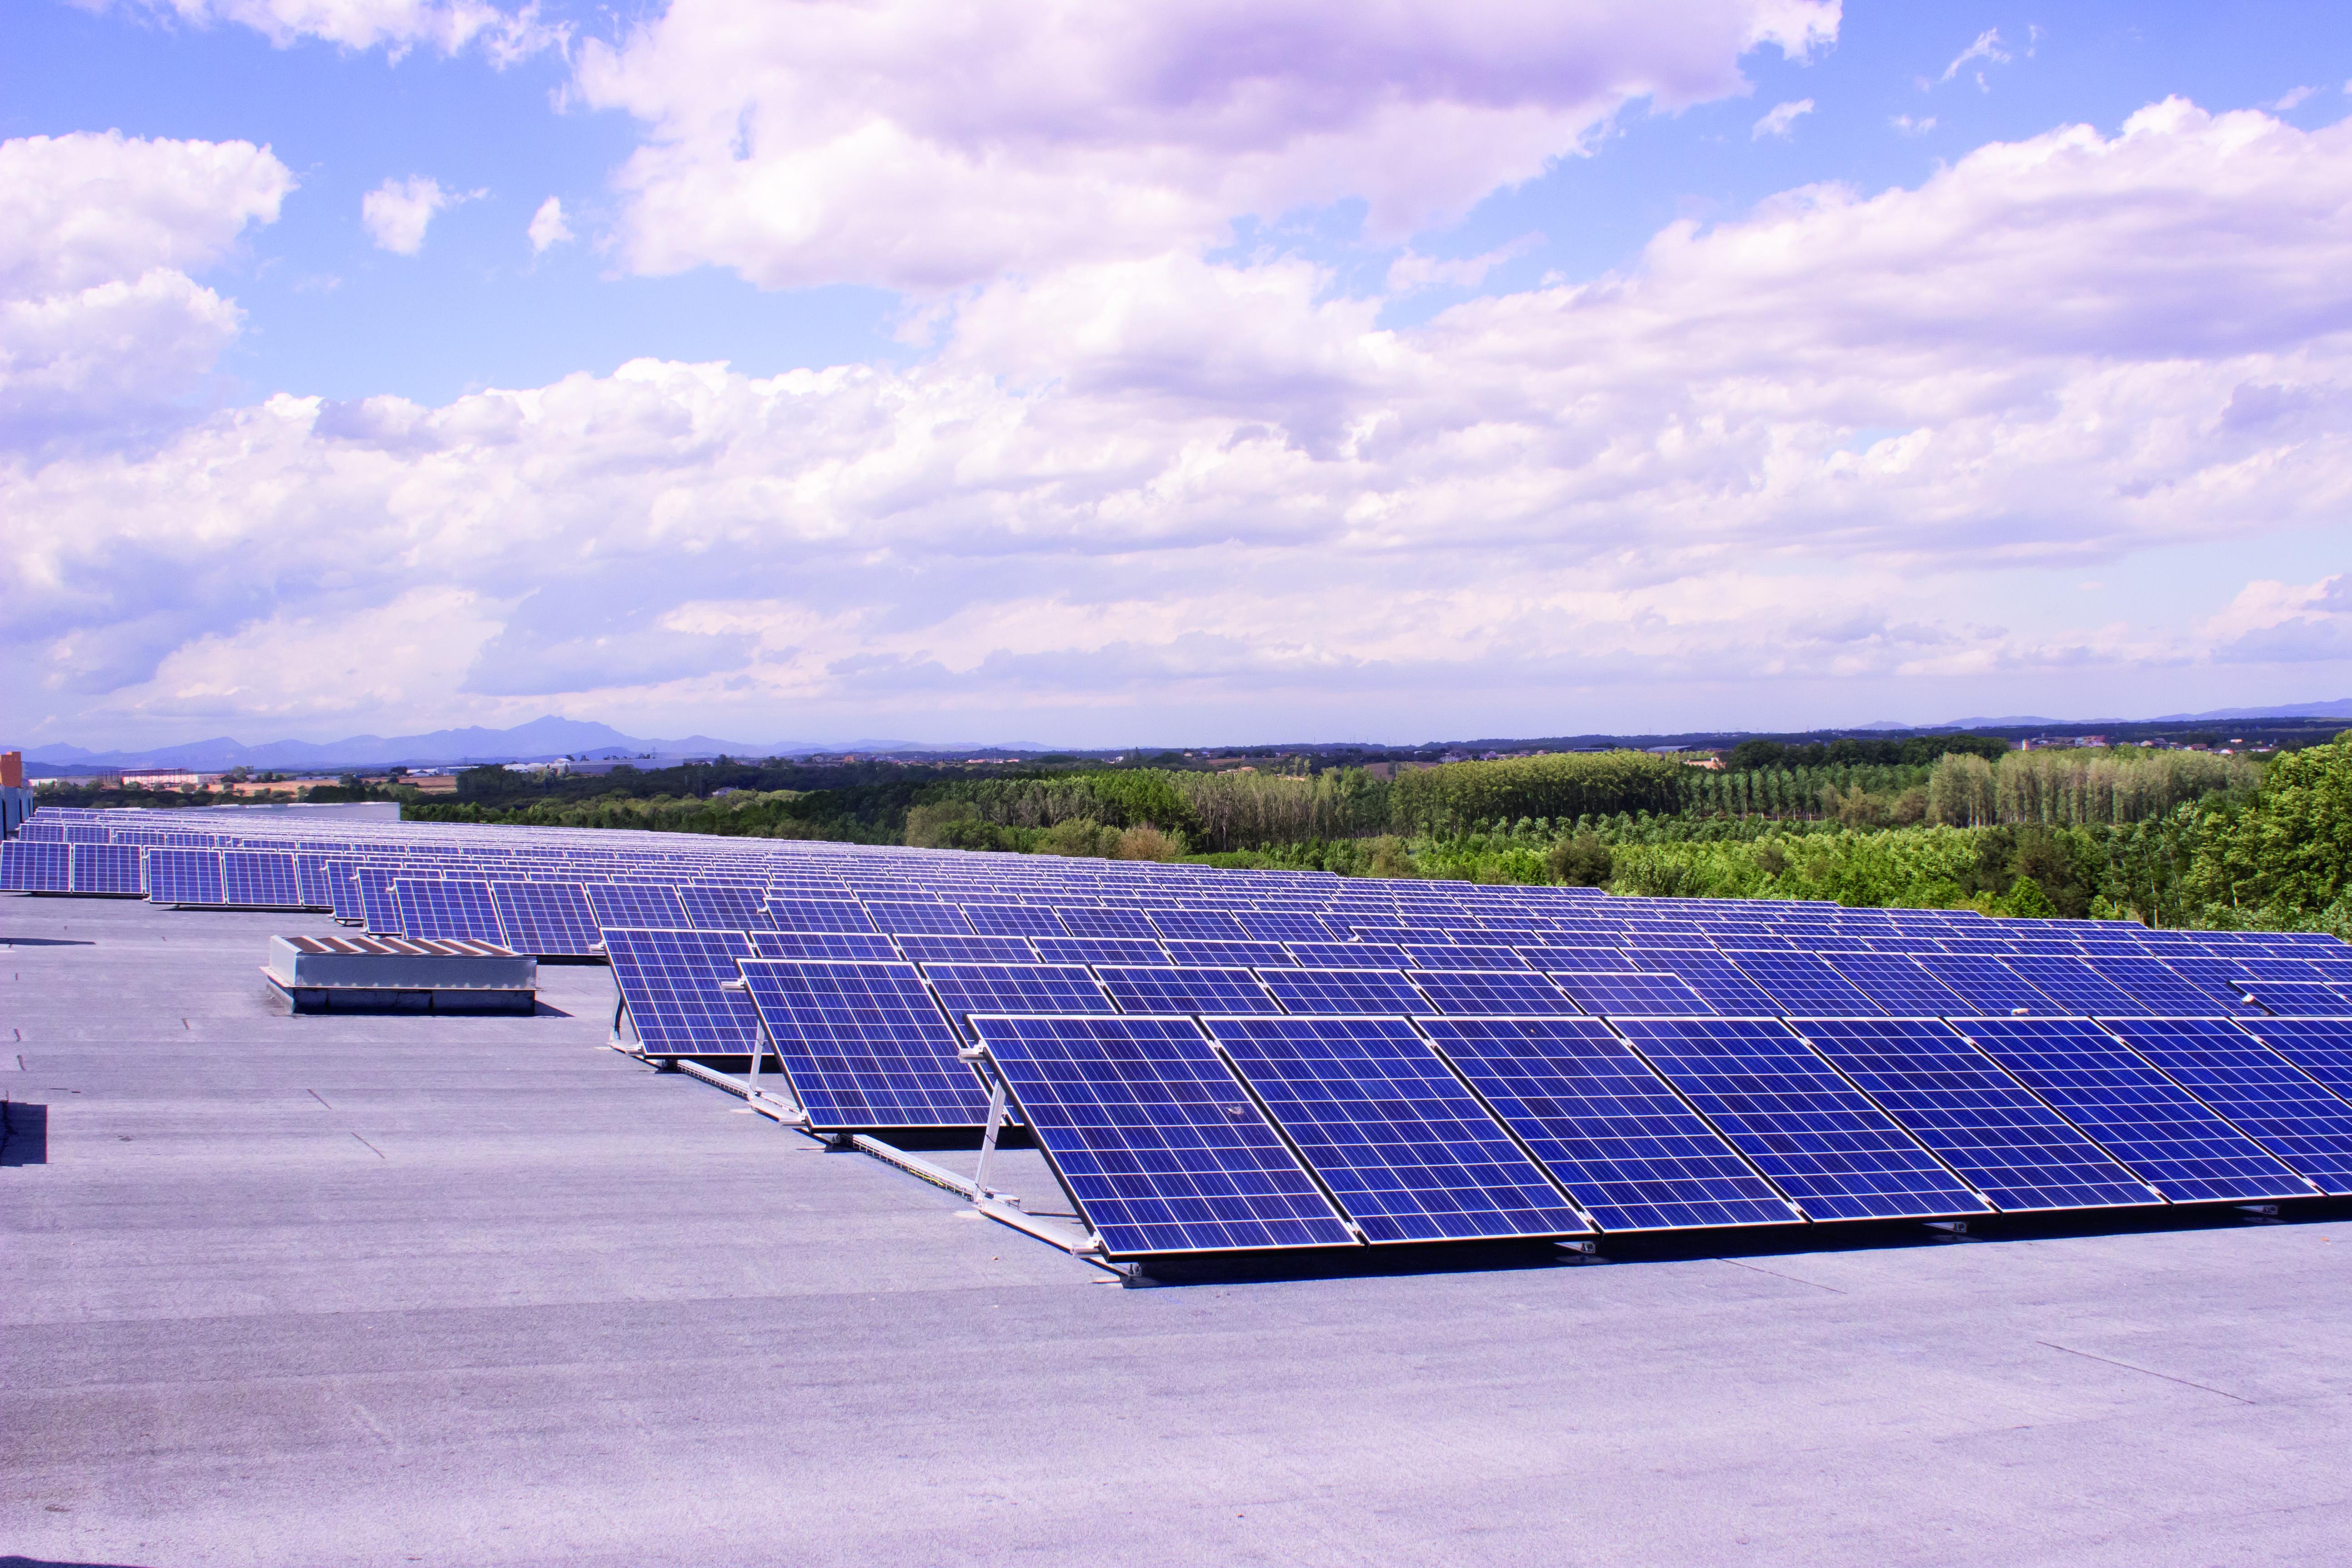 Instalación de placas fotovoltaicas Frit Ravich